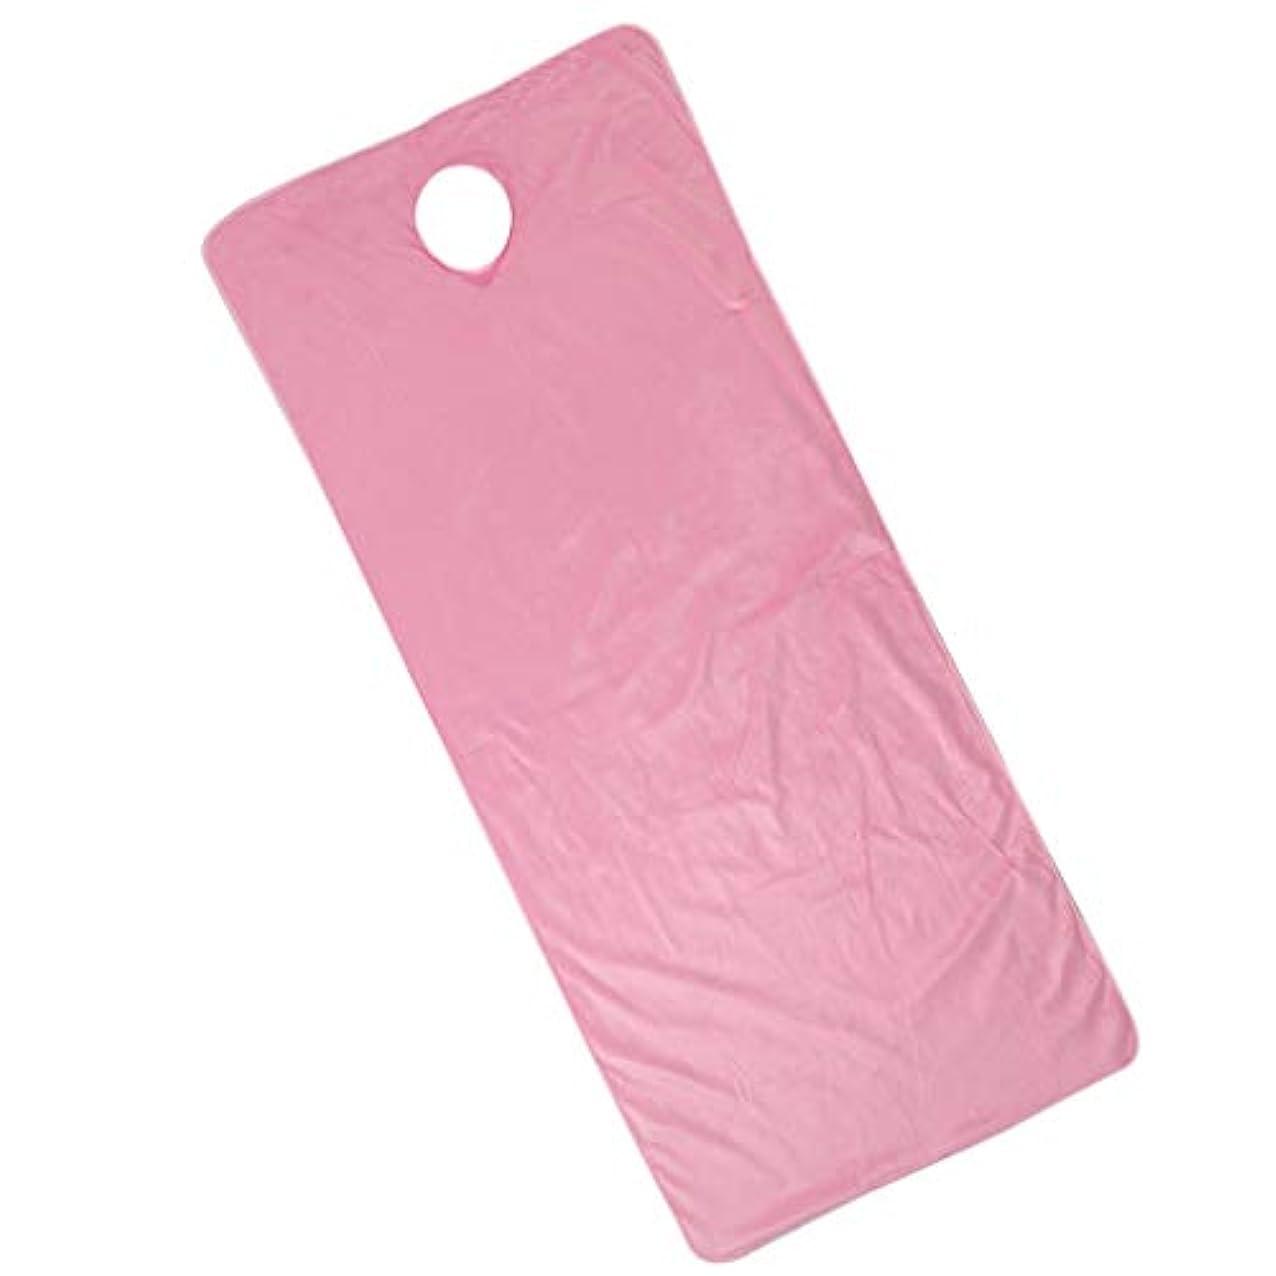 給料性的癌美容ベッドカバー 有孔 スパ マッサージベッドカバー ピンク